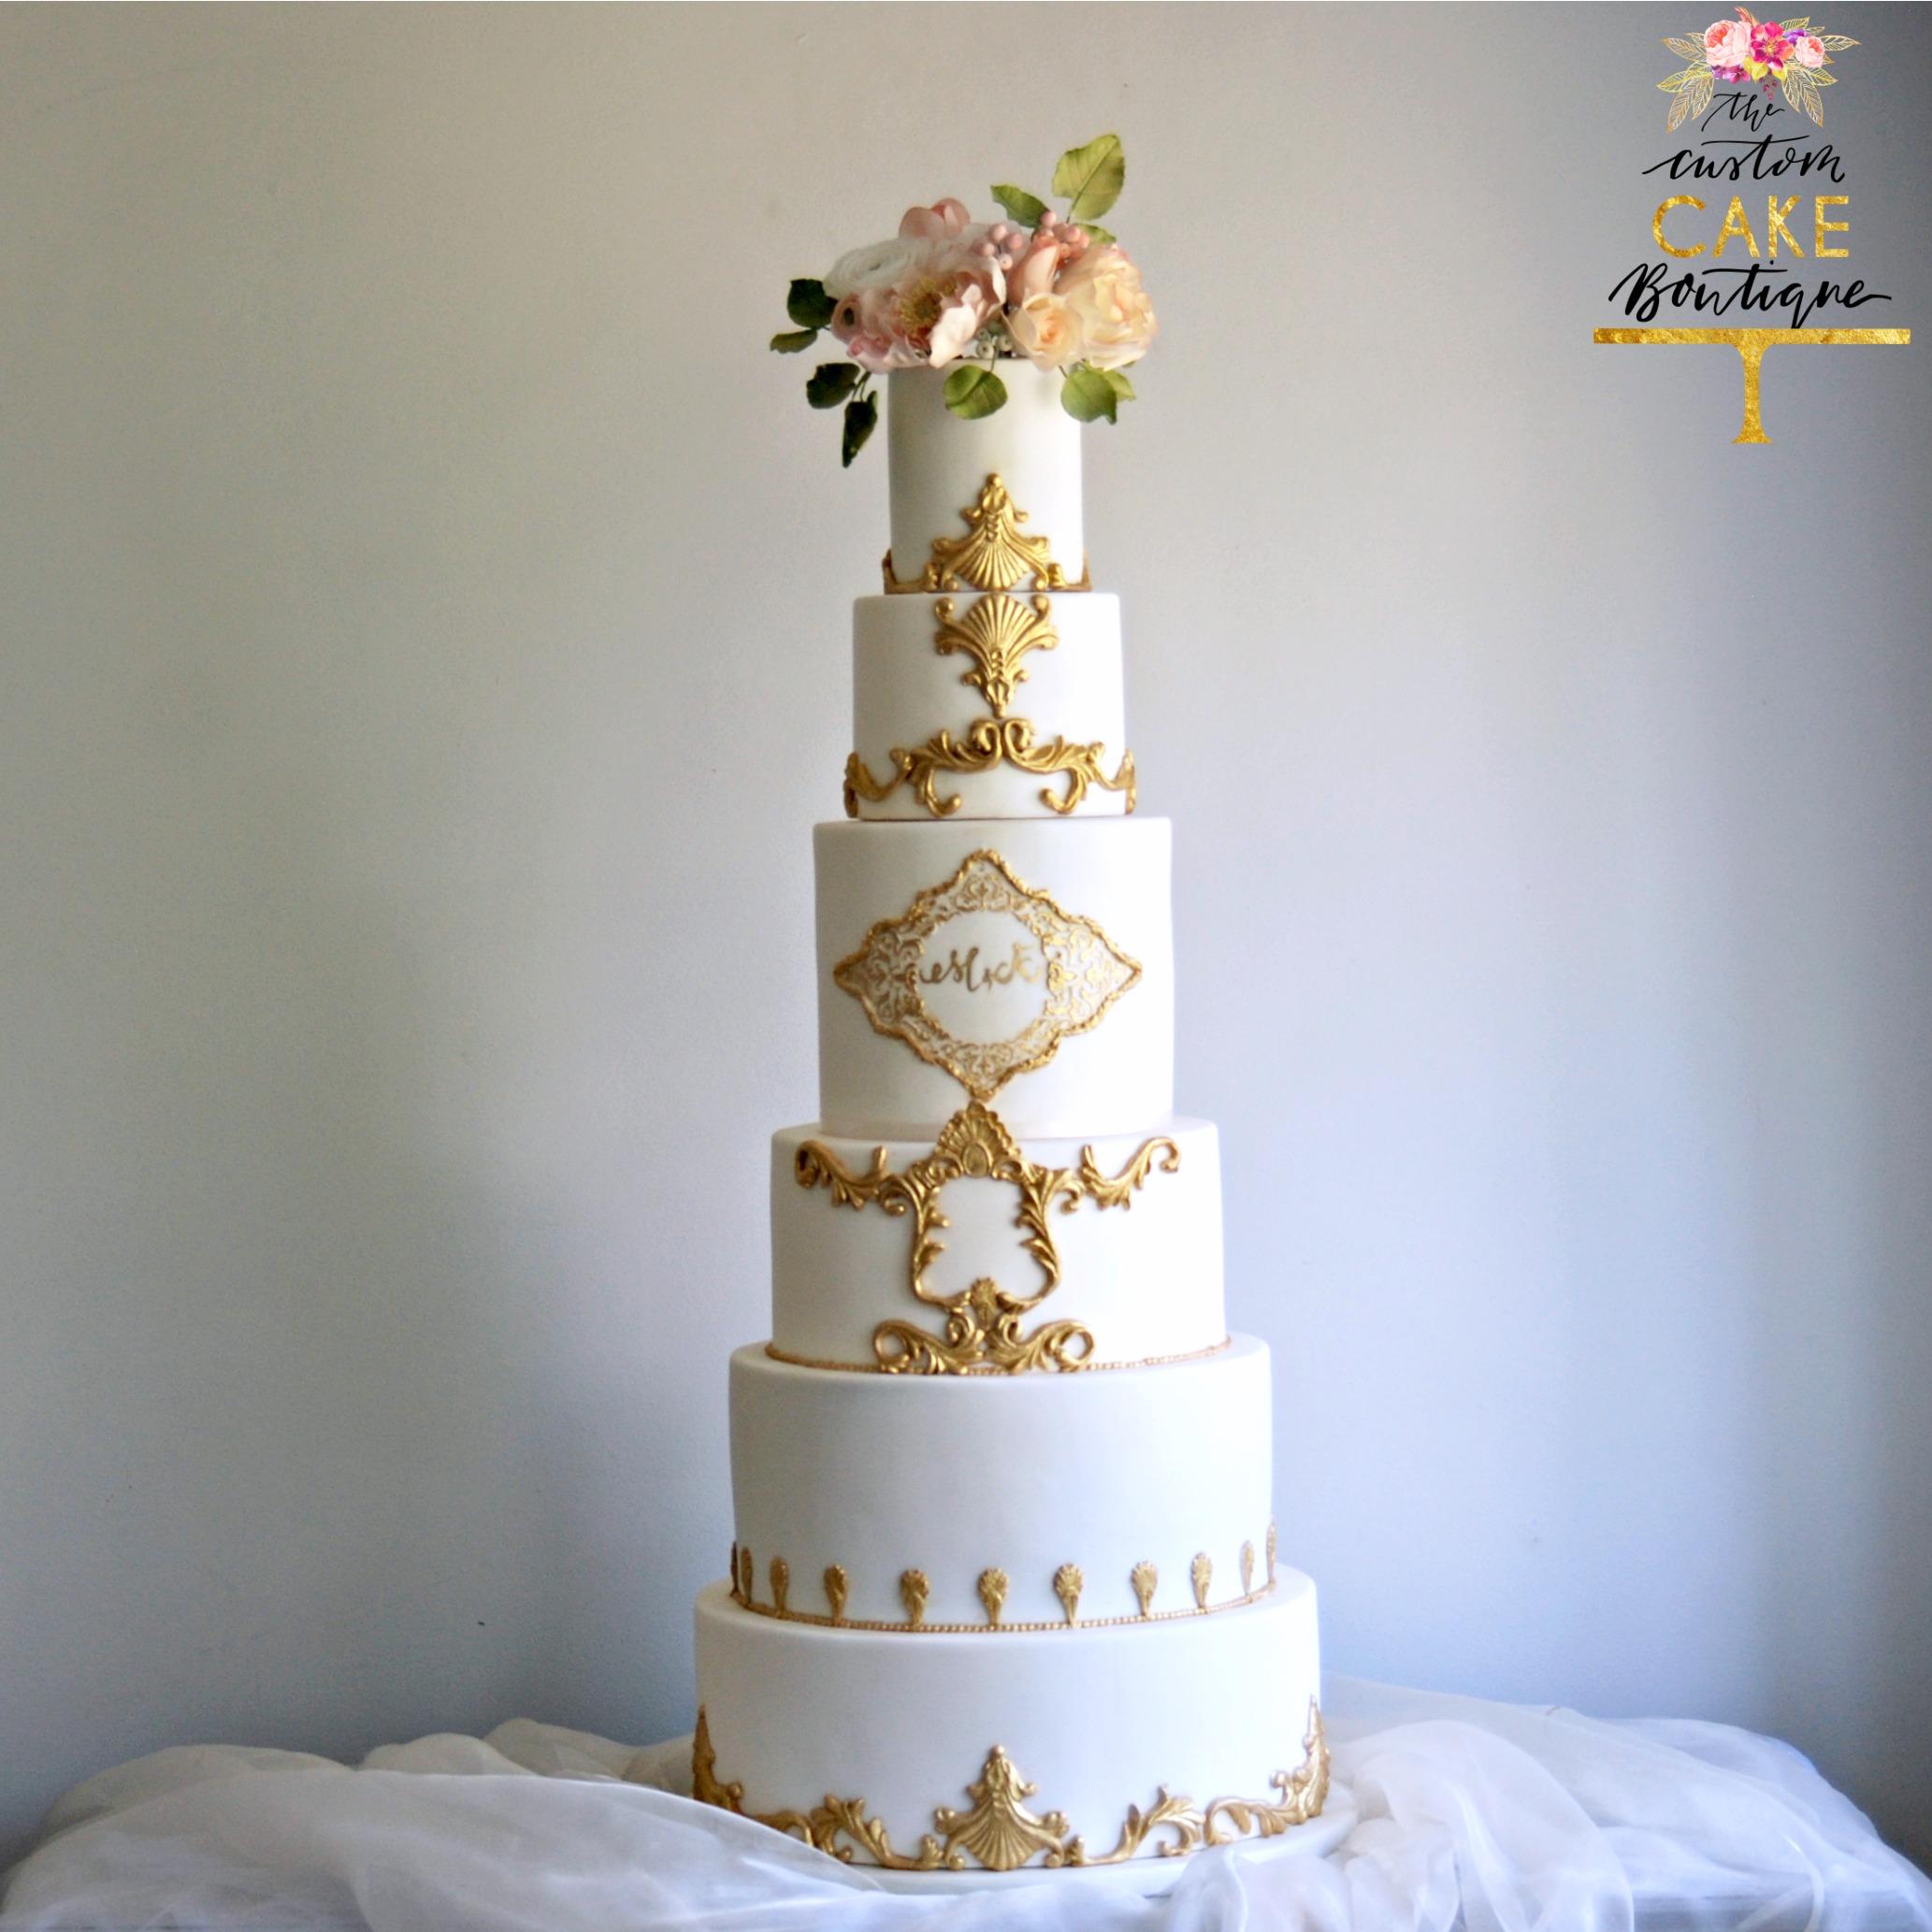 Gold Scroll Wedding Cake & Sugar flowers